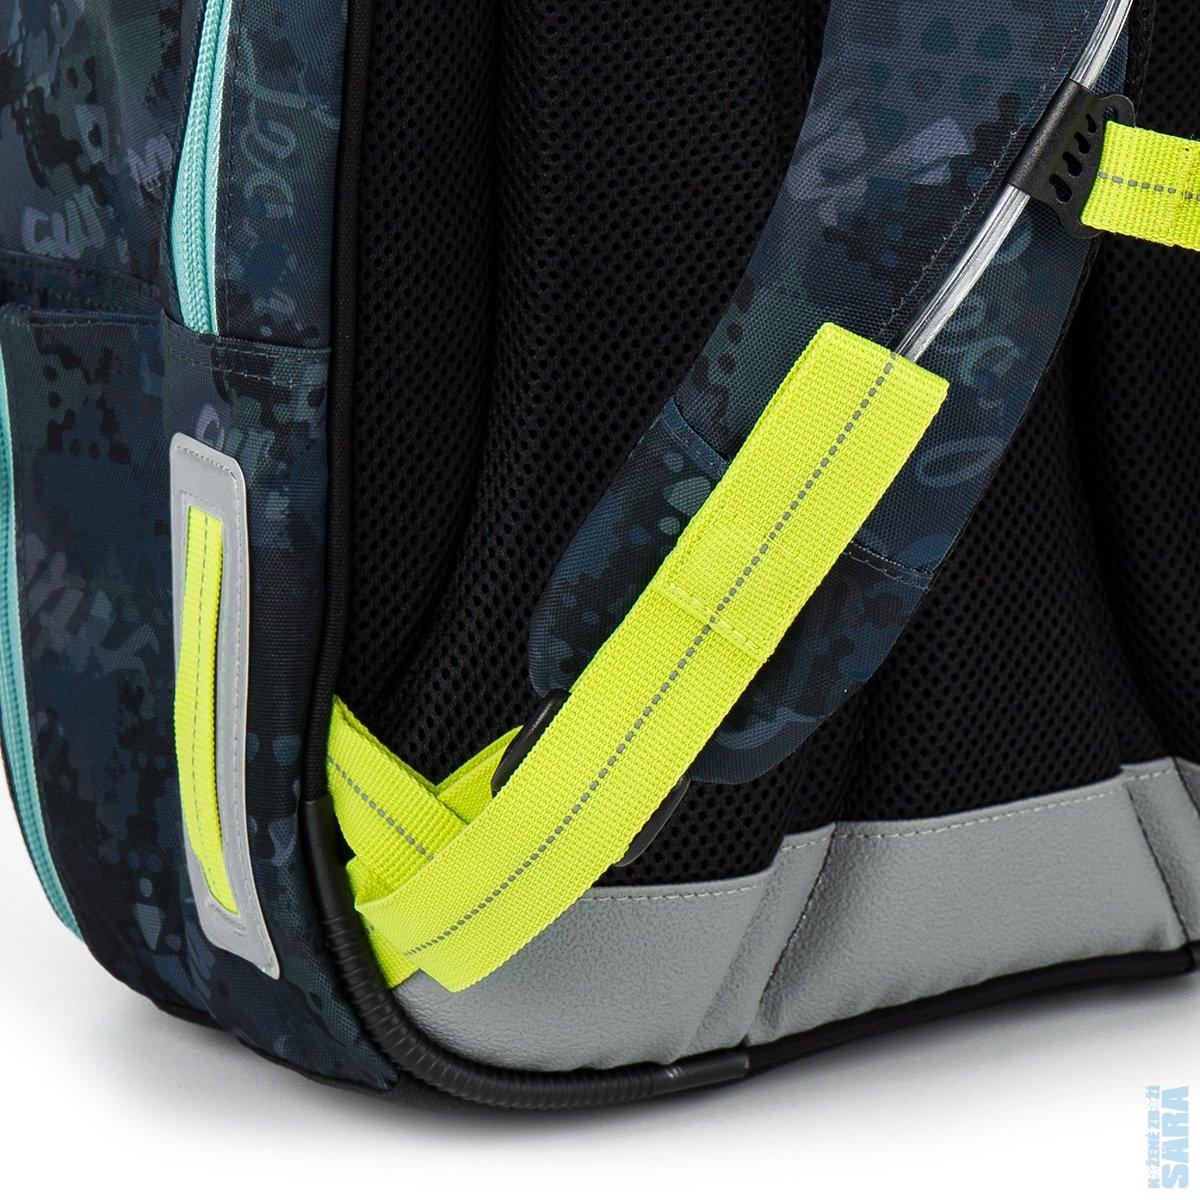 c6969050c34 sada pro školáka set Small  Školní batoh CHI 878 D blue + Penál CHI 911.  Tříkomorová stálice mezi školními batohy pro kluky od 2. třídy výše